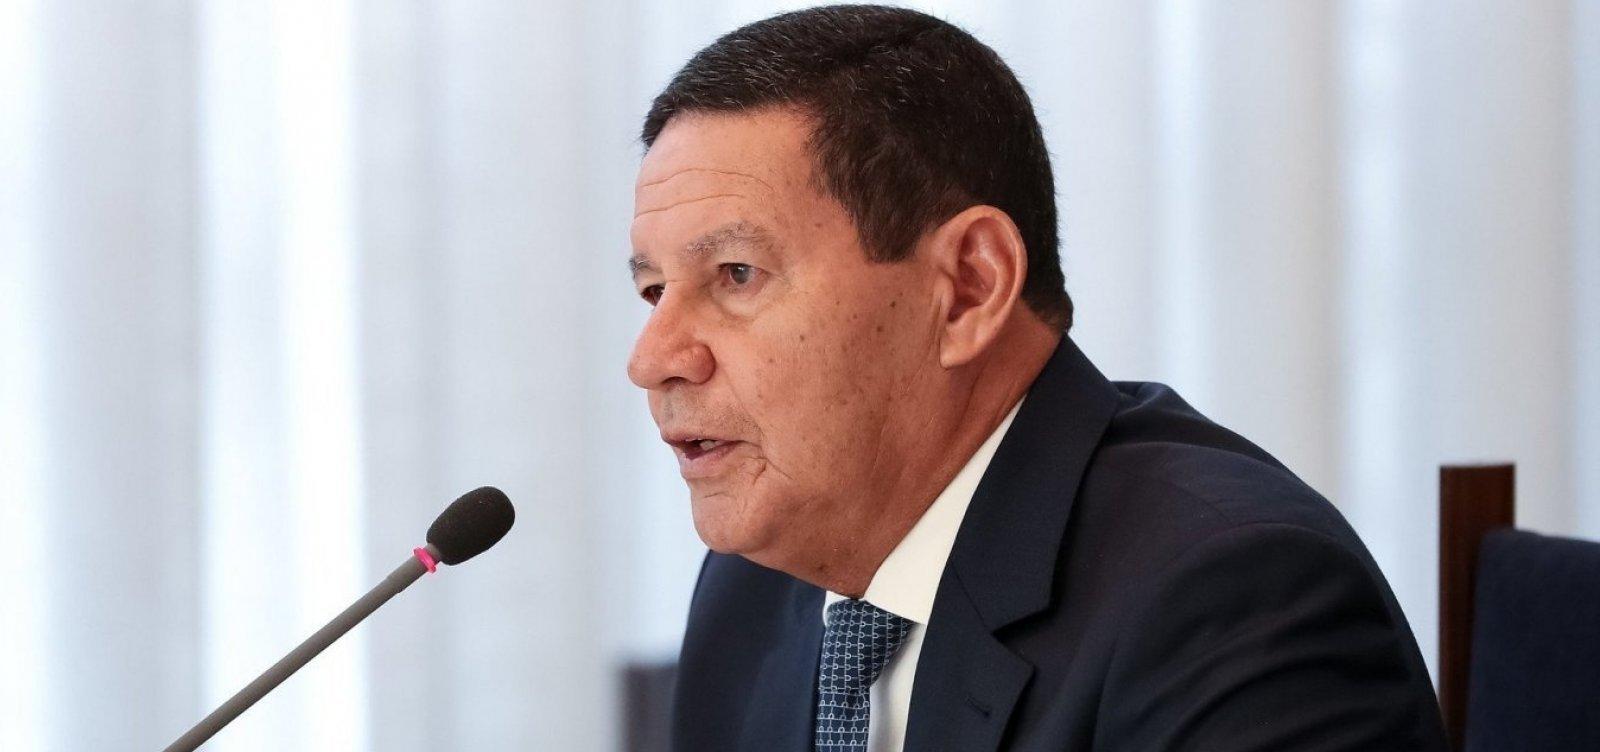 Afastados: Mourão diz que comunicação com Bolsonaro 'faz falta'